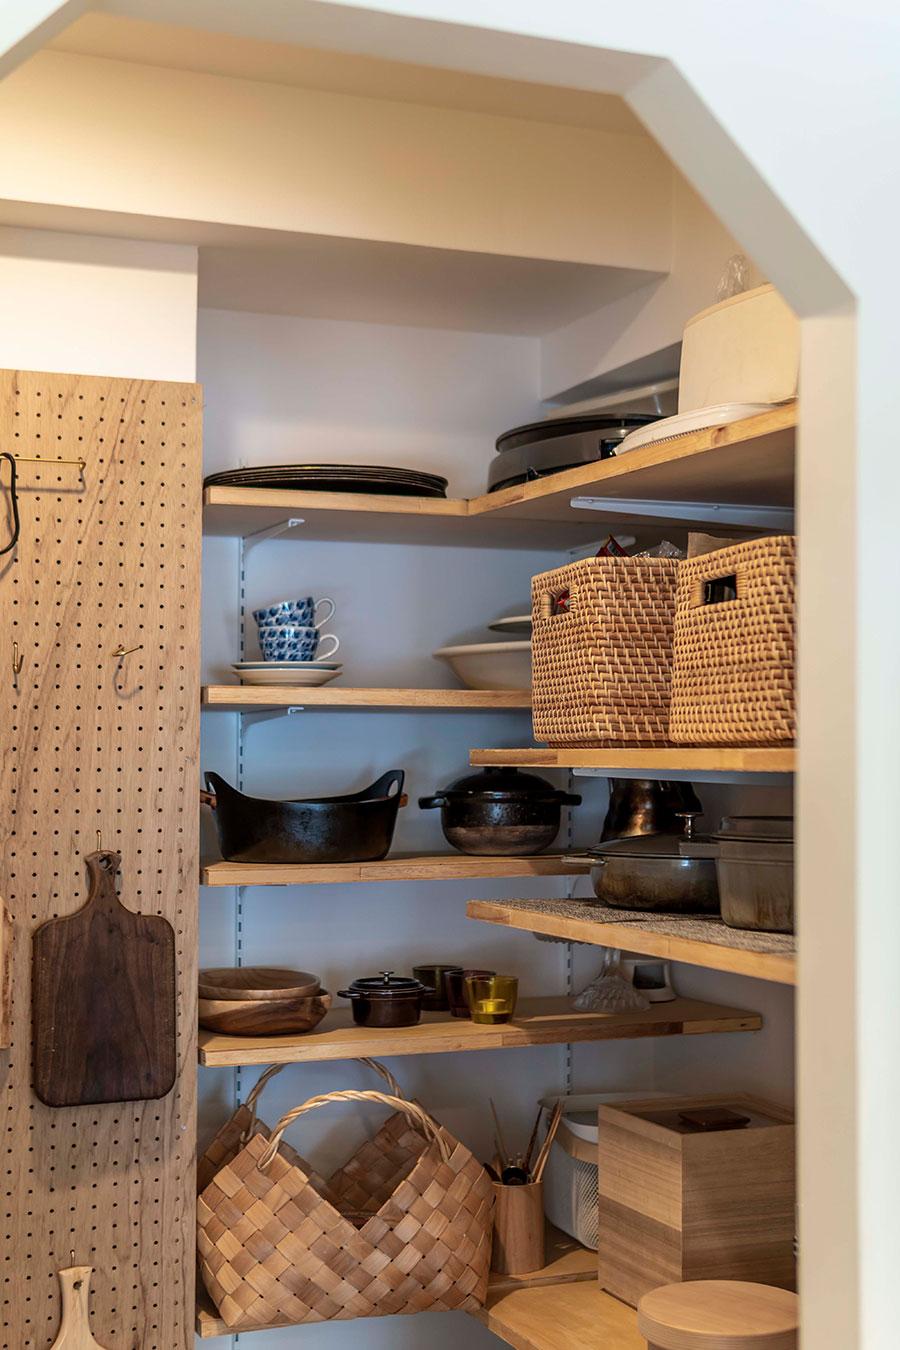 調理器具や家電をパントリーにまとめることで、生活感を感じさせないキッチンに。